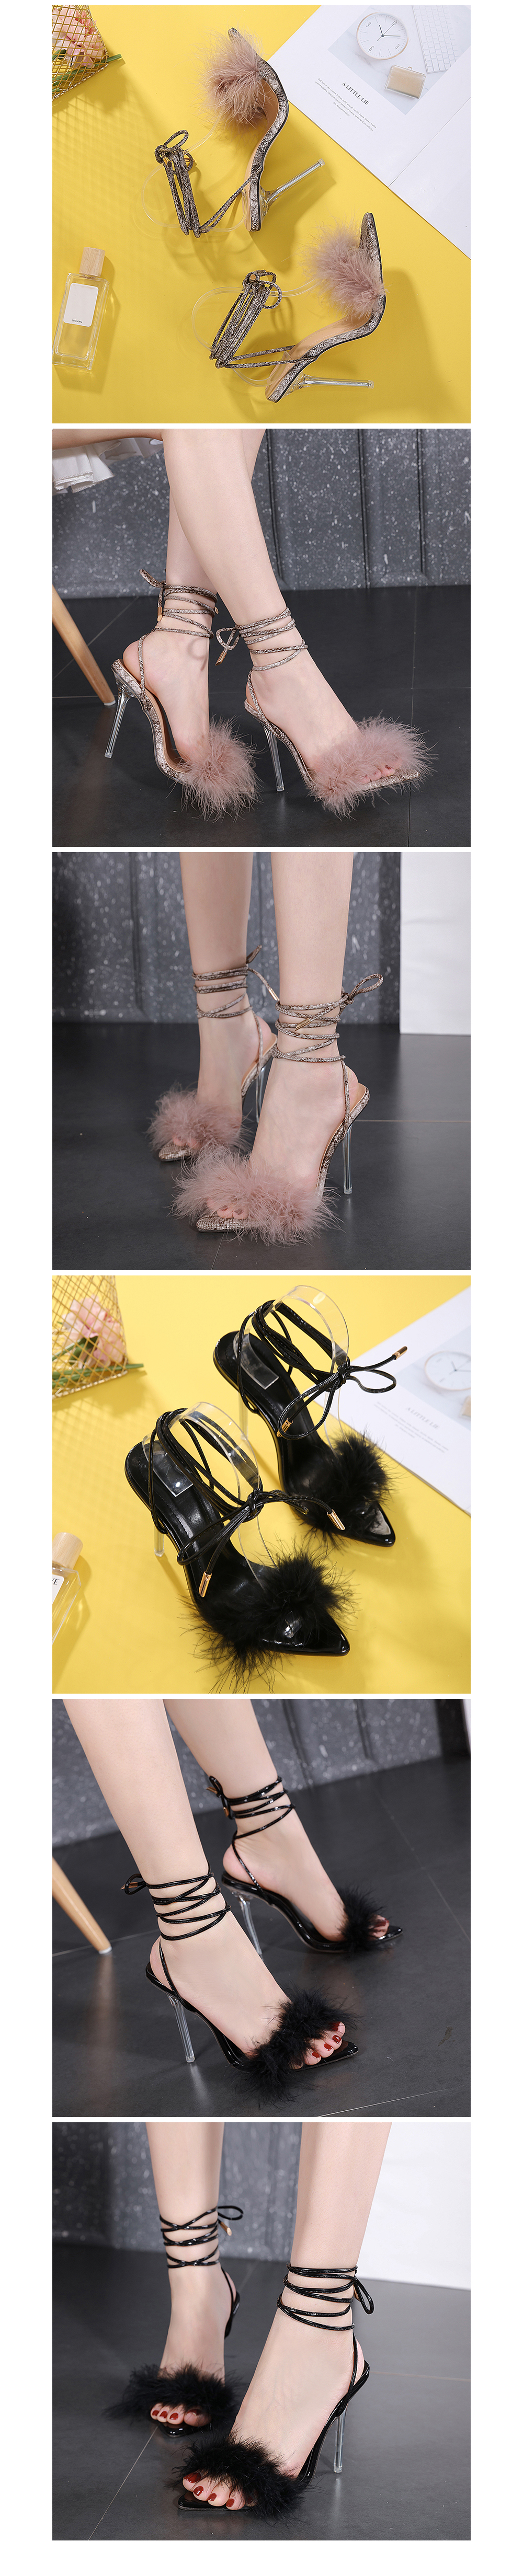 鞋参数2-大图1